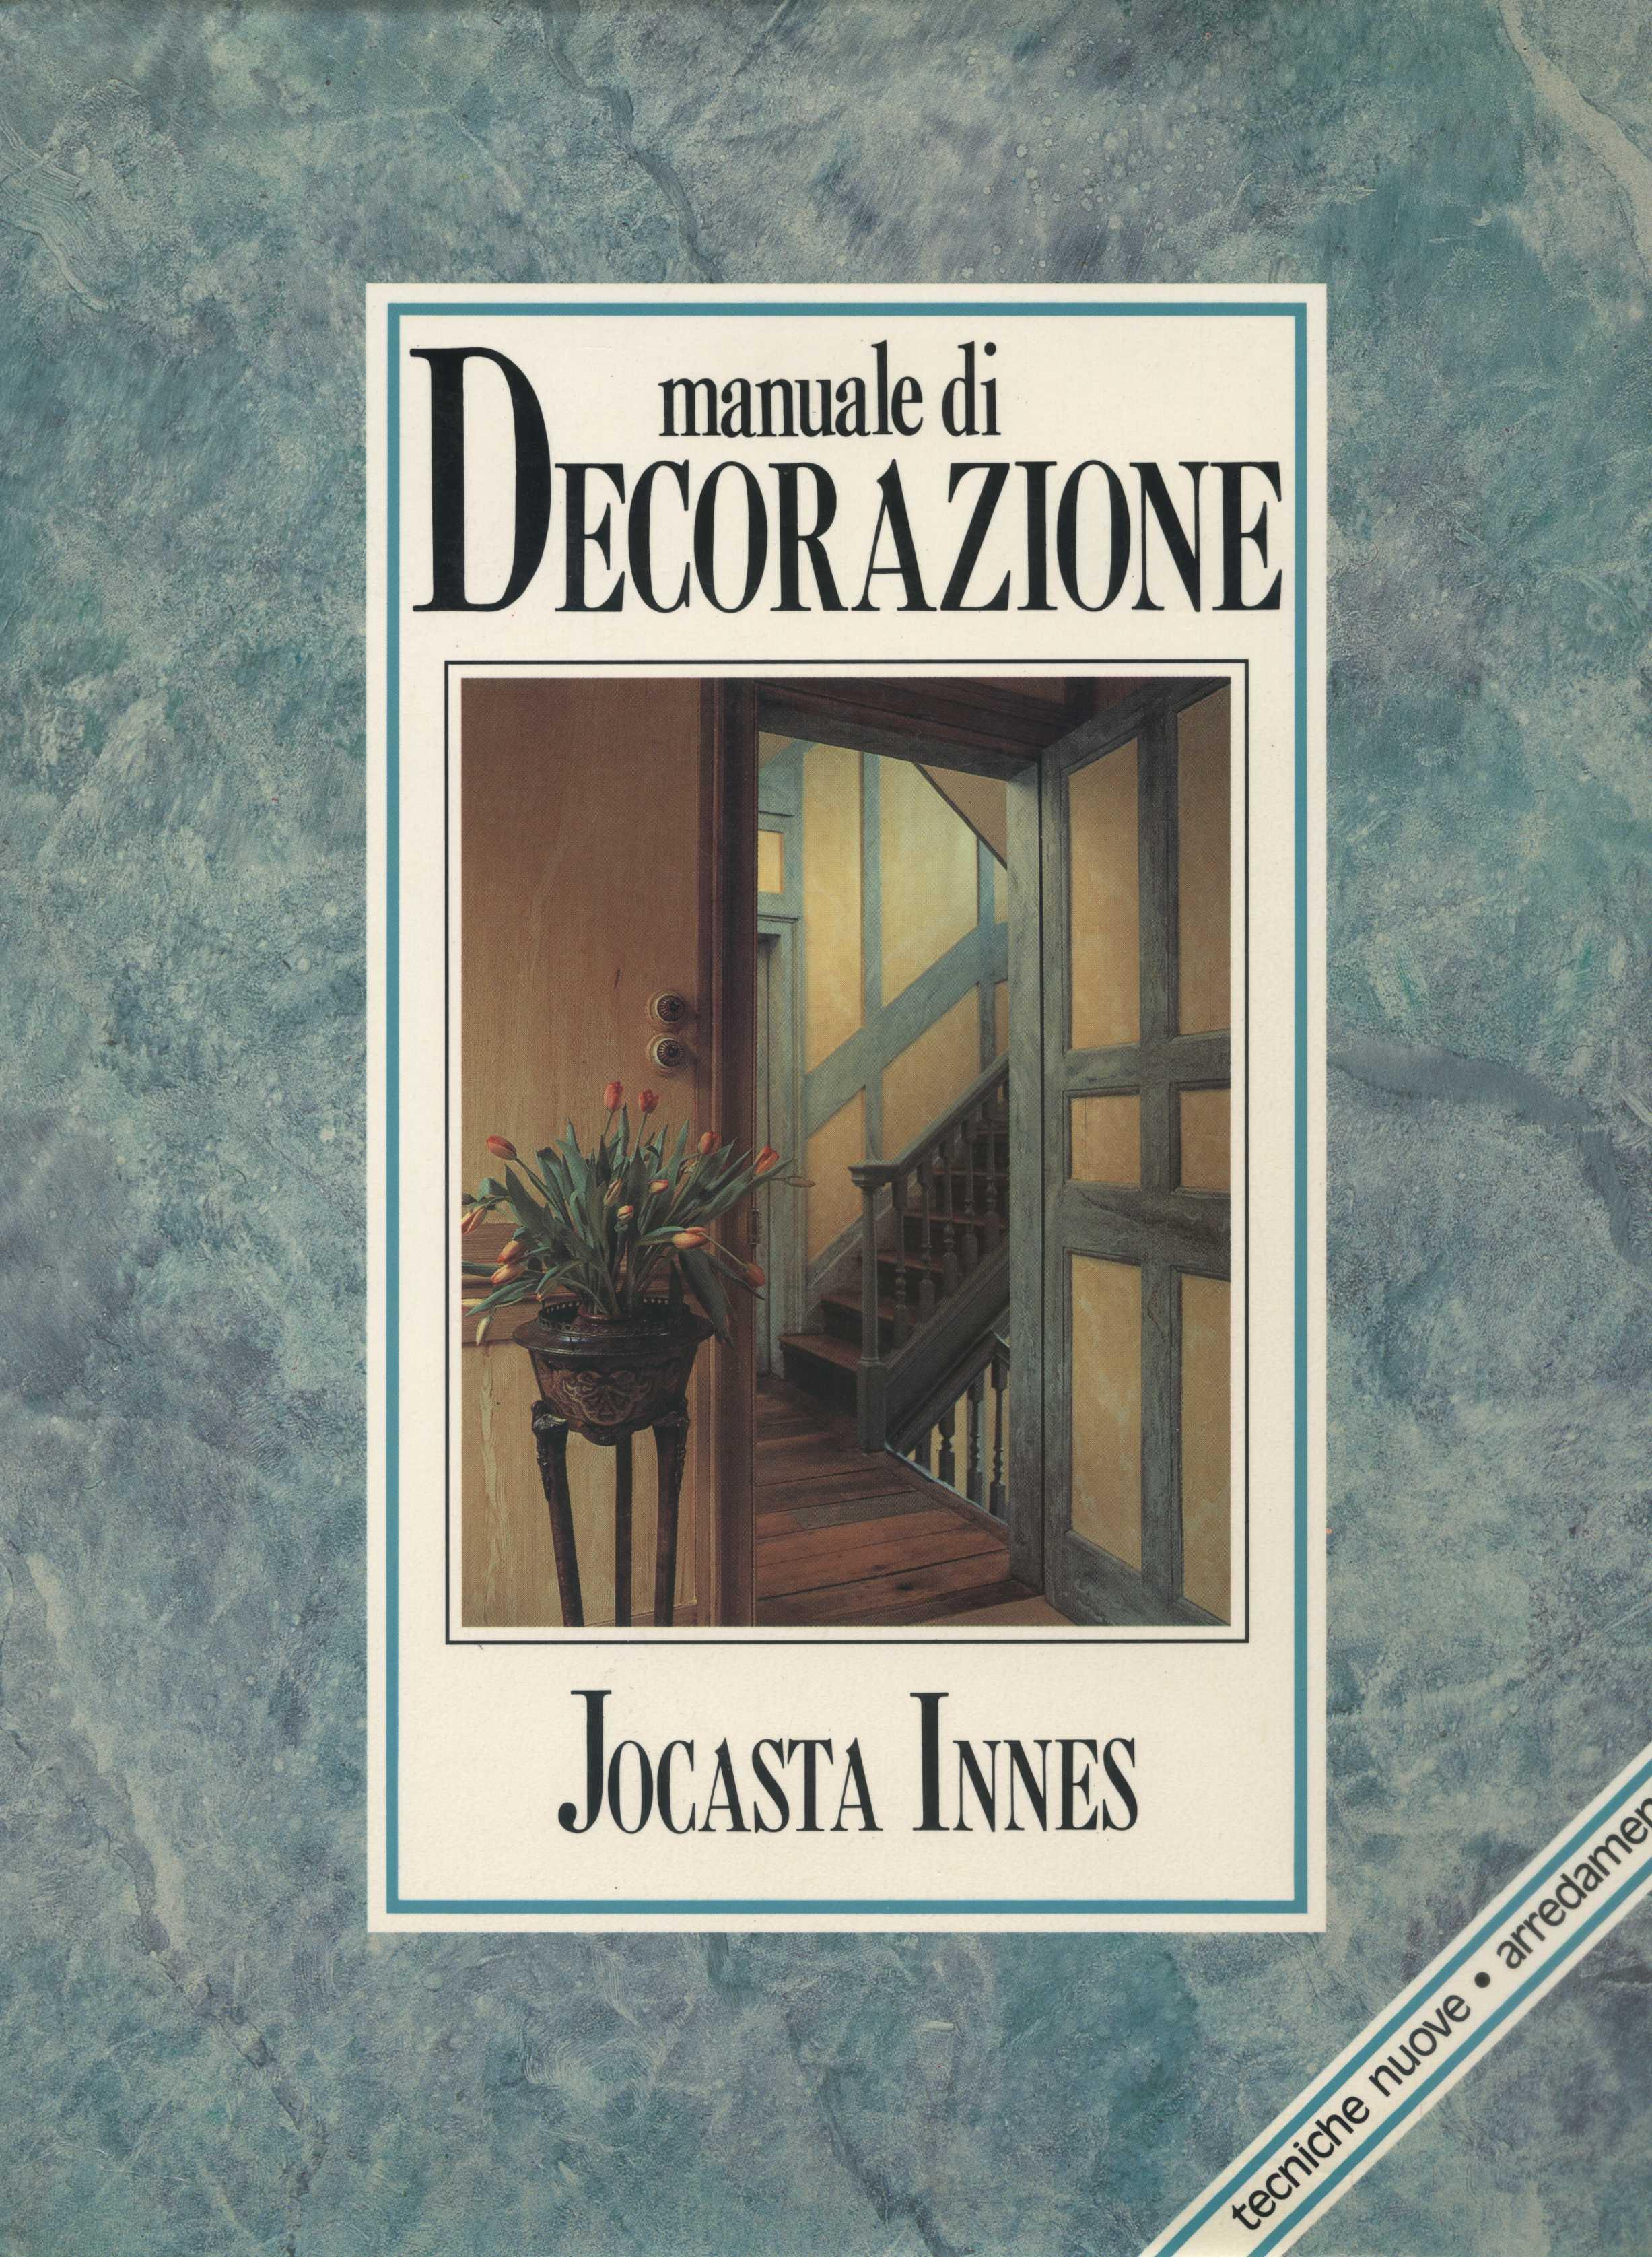 Manuale di decorazione